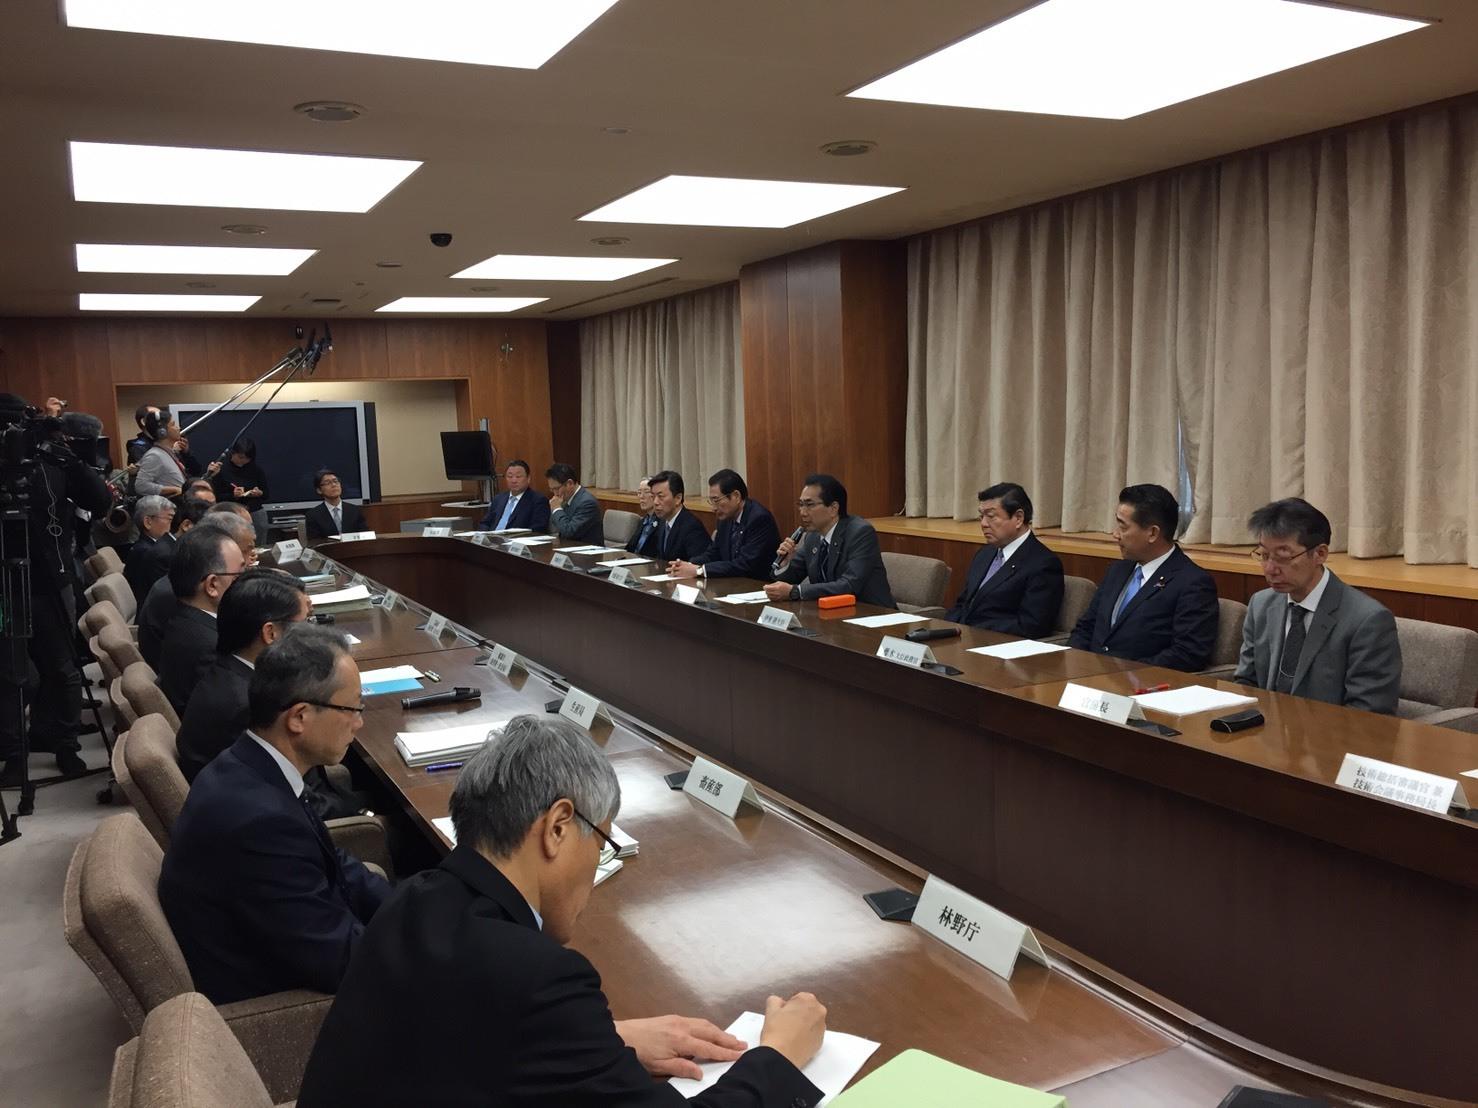 沖縄県訪問_a0143152_17581565.jpeg